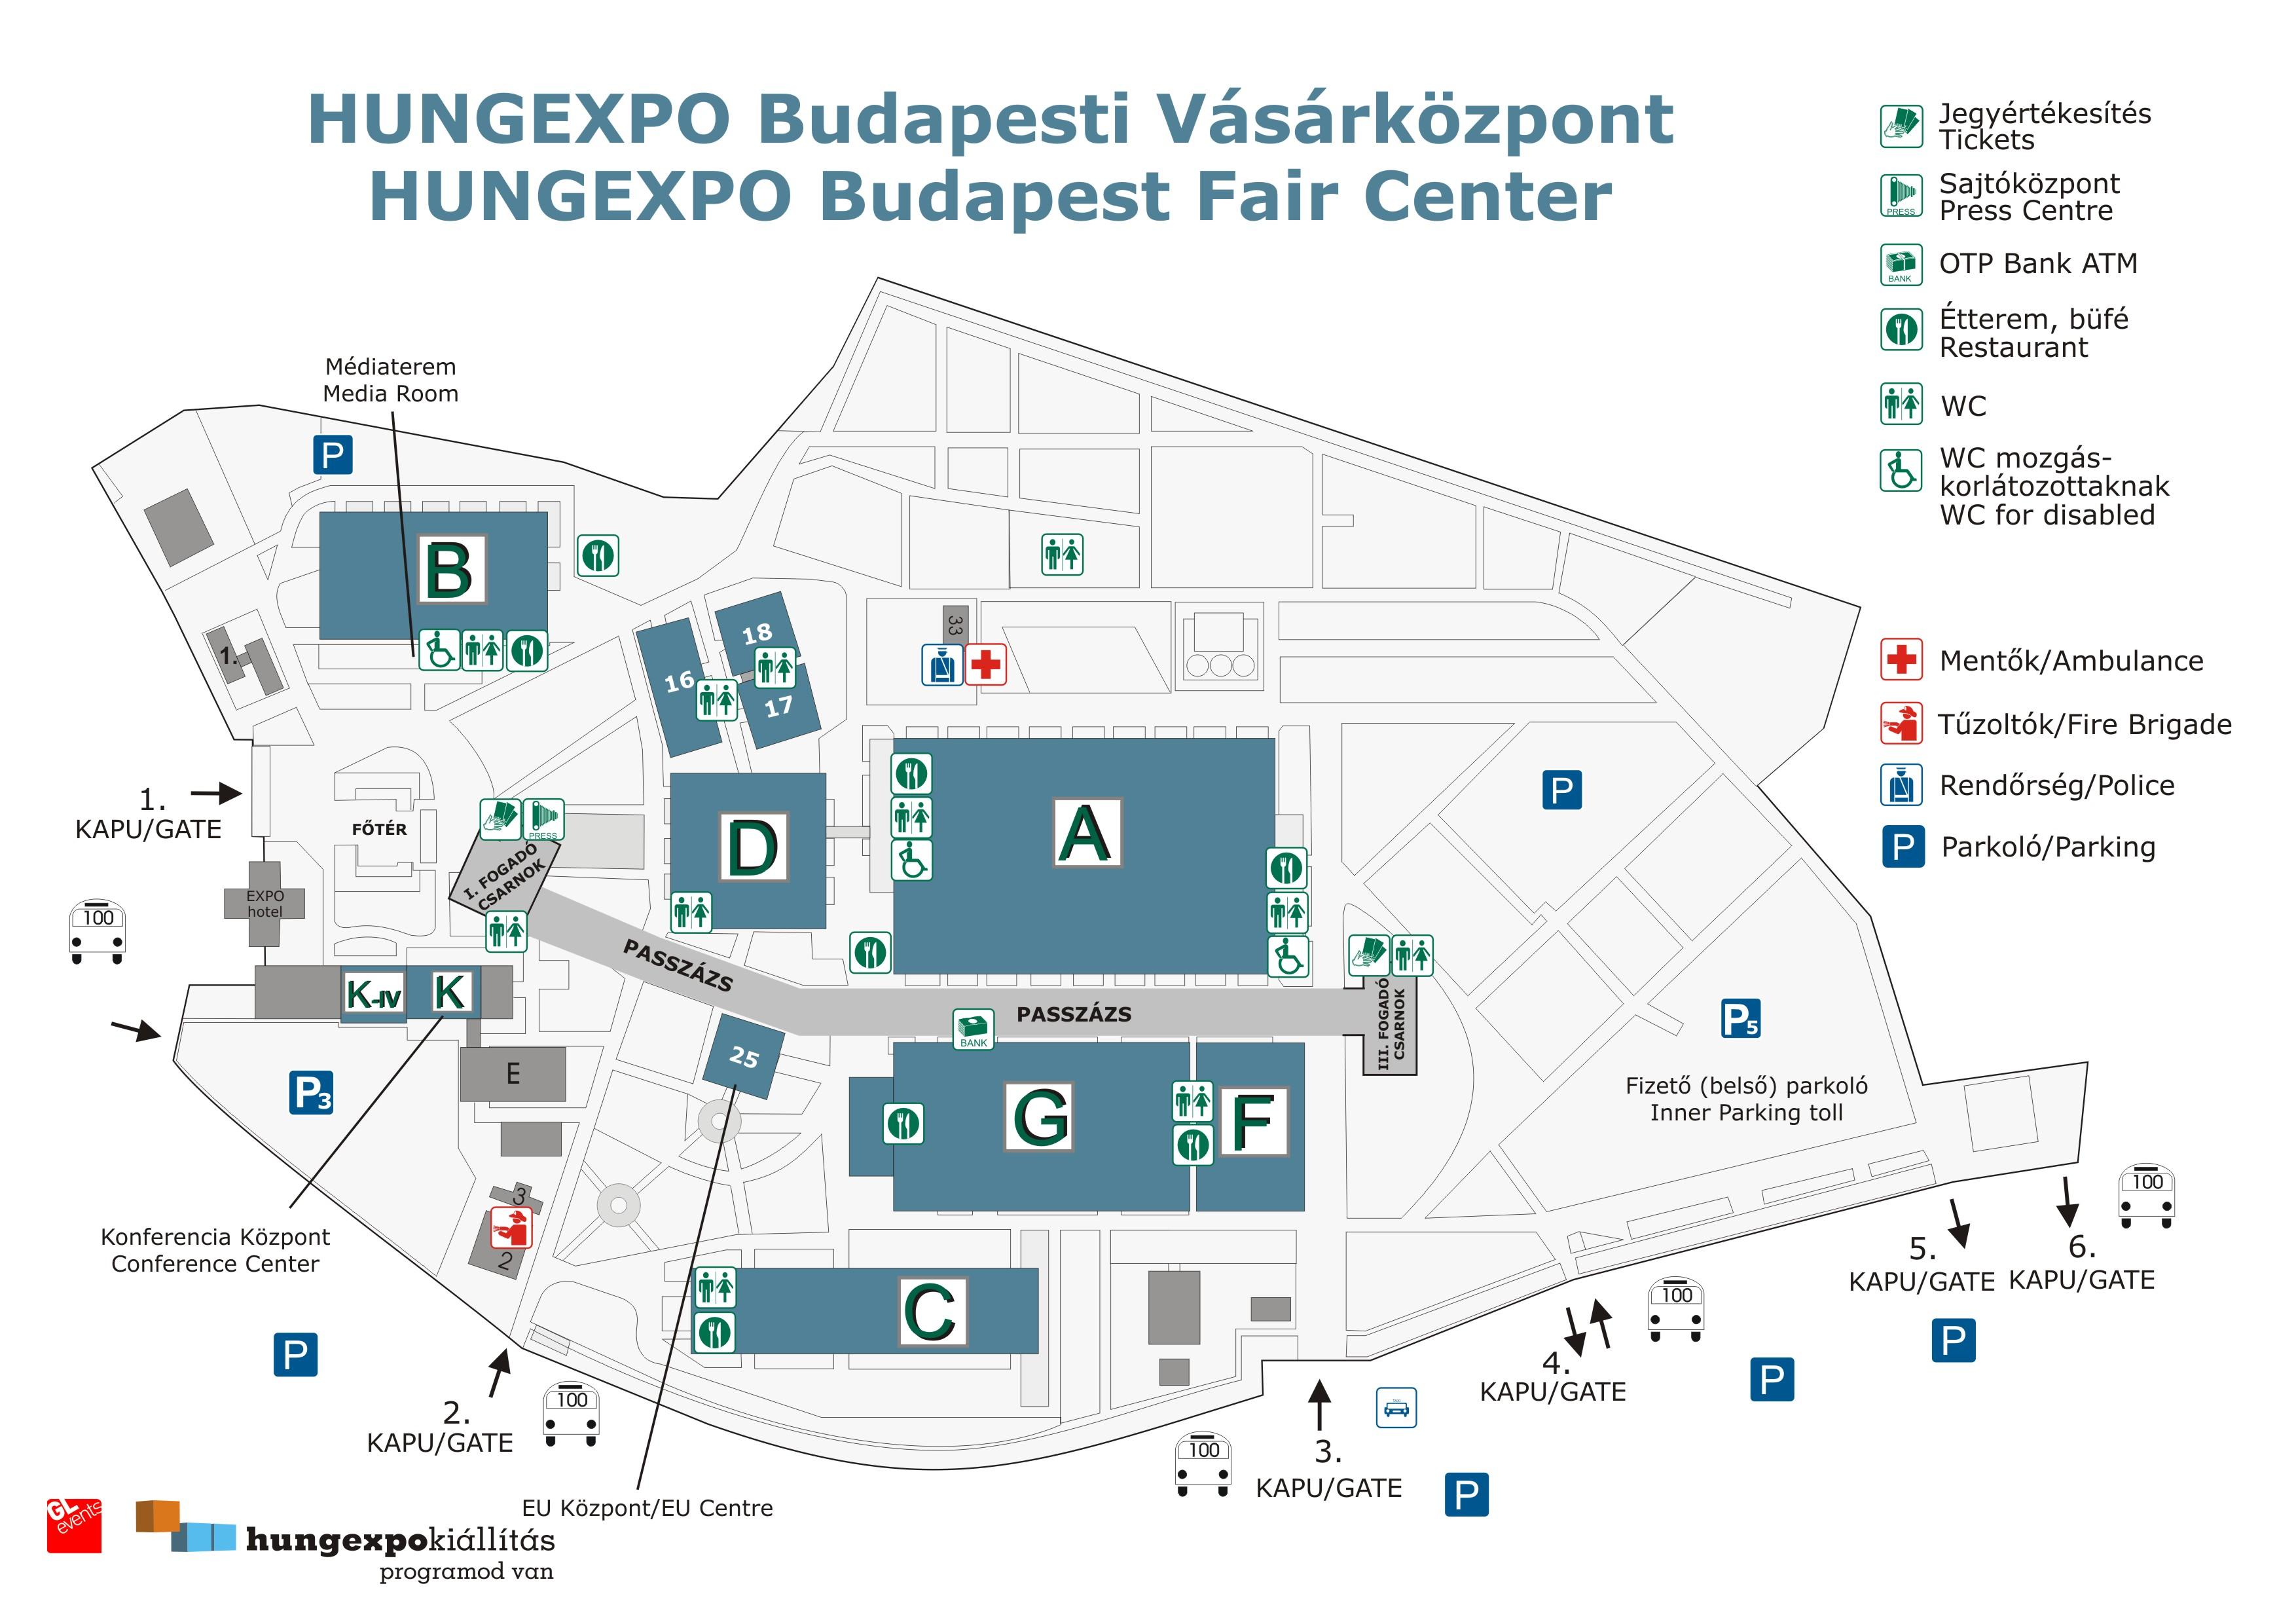 g térkép Közlekedés: HUNGEXPO Budapest Vásárközpont (térkép, 2013) (kép) g térkép